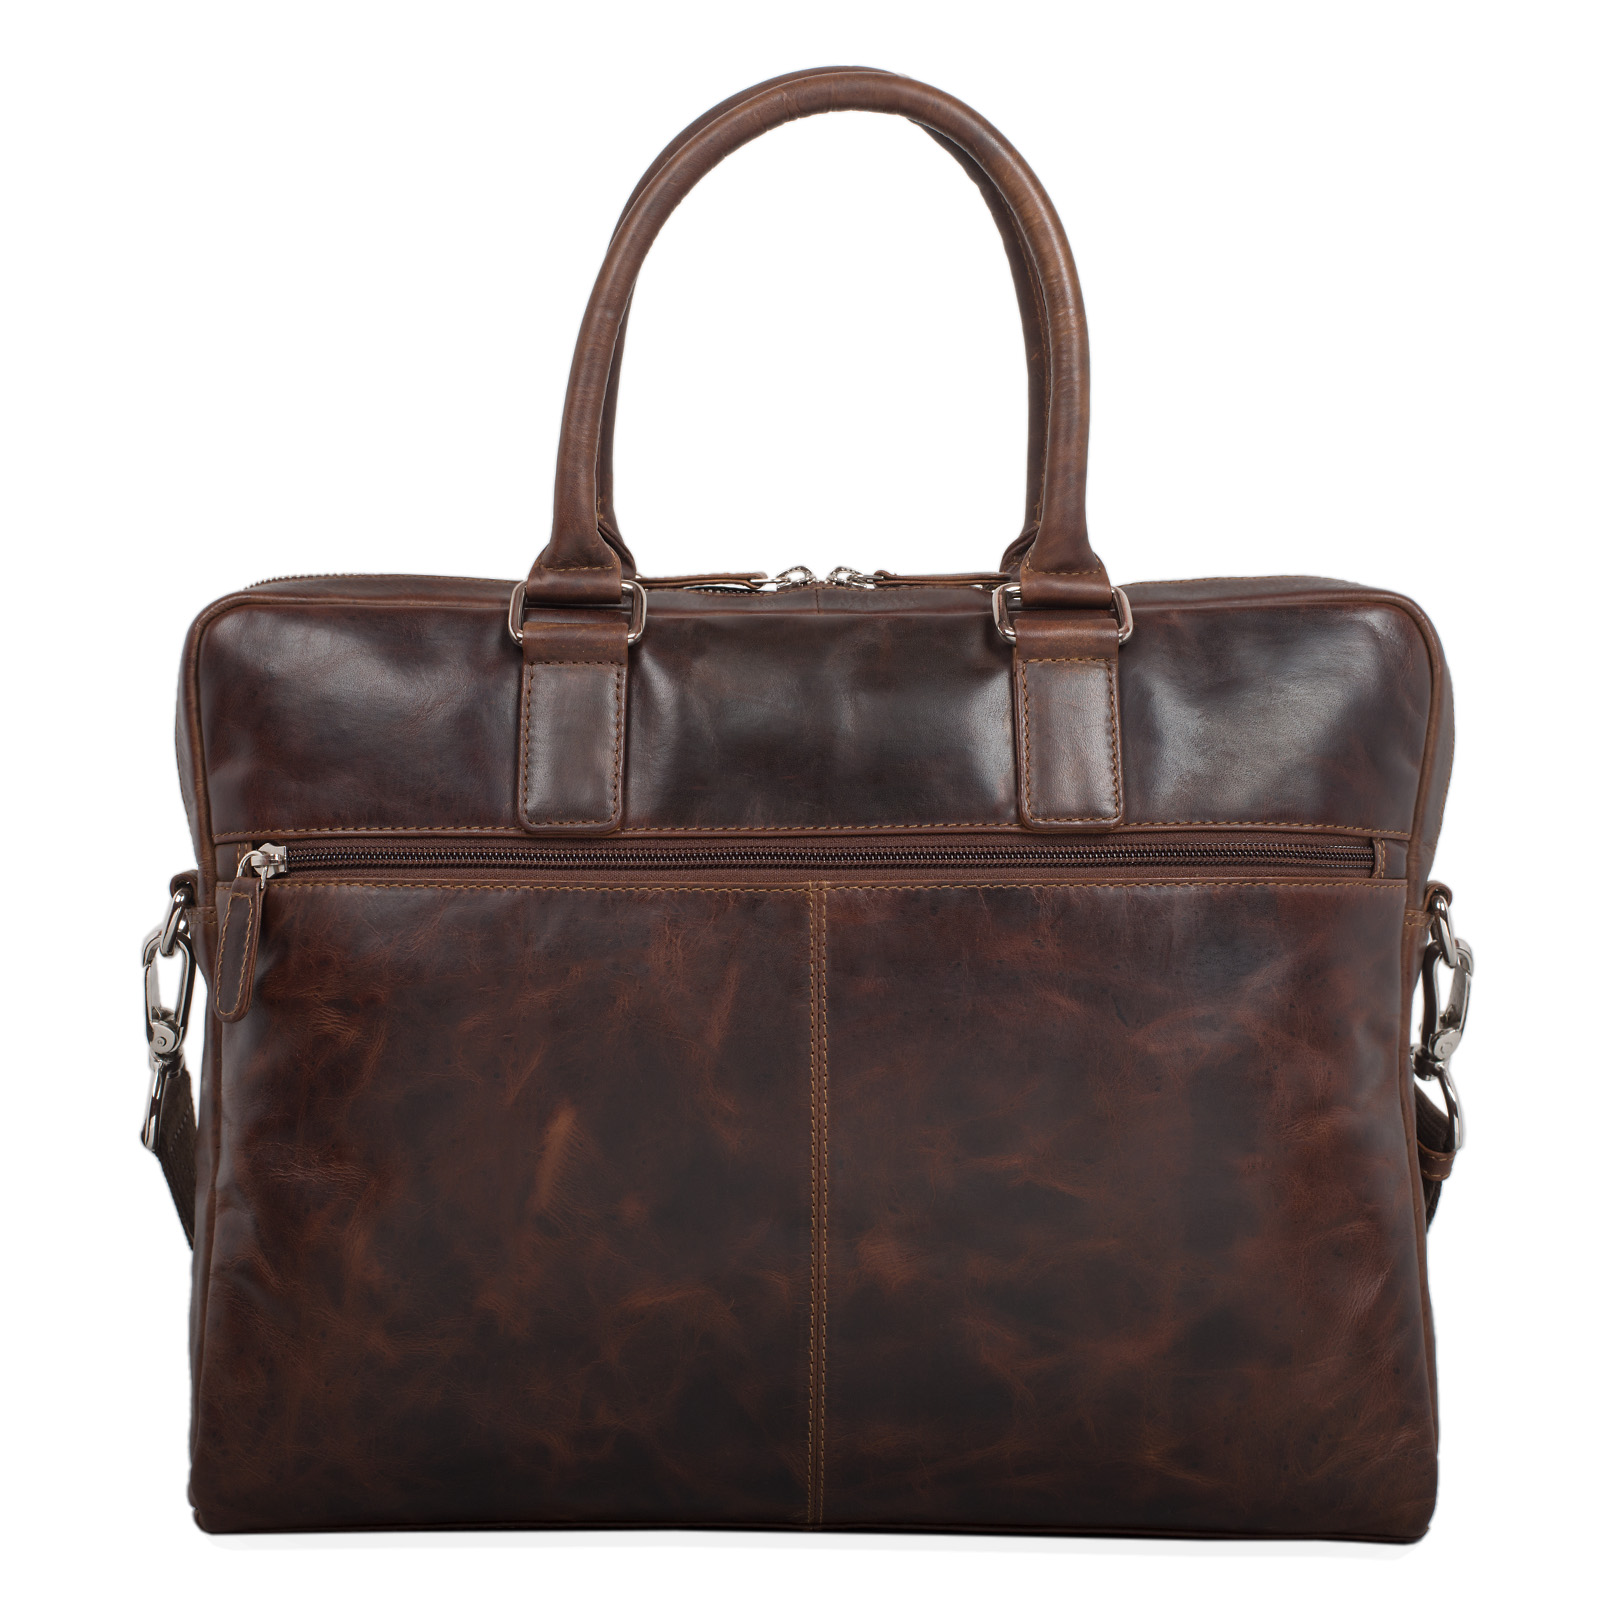 """STILORD """"Emilio"""" Umhängetasche Leder Vintage groß Schultertasche elegante Handtasche für Büro Business Arbeit Laptop 13.3 Zoll Aktentasche DIN A4 - Bild 20"""